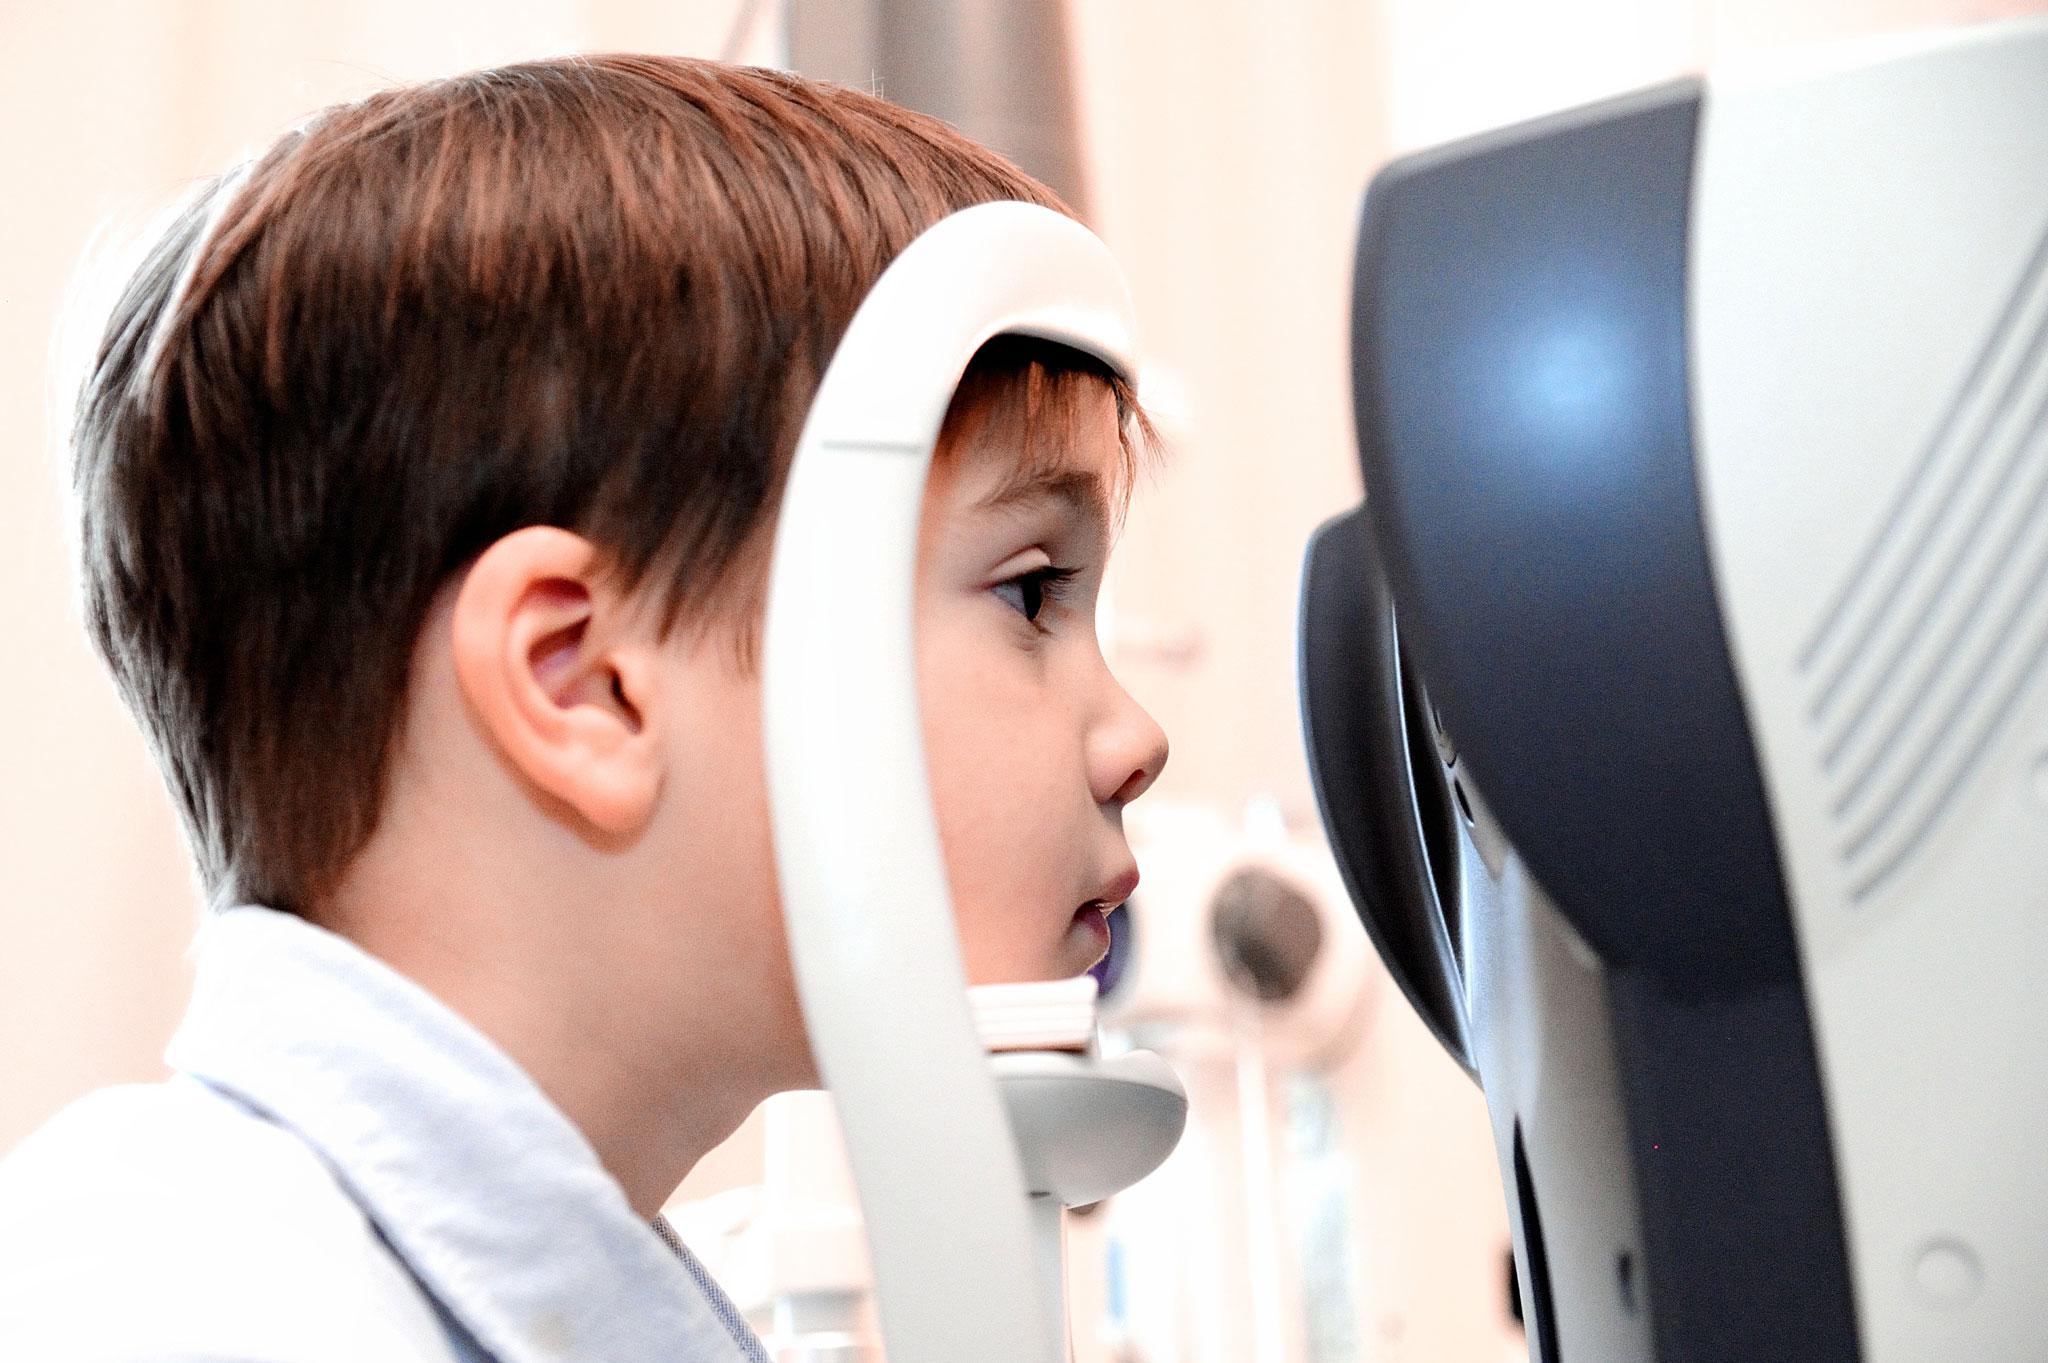 orvos látásvizsgálata a látás mindet diagnosztizál